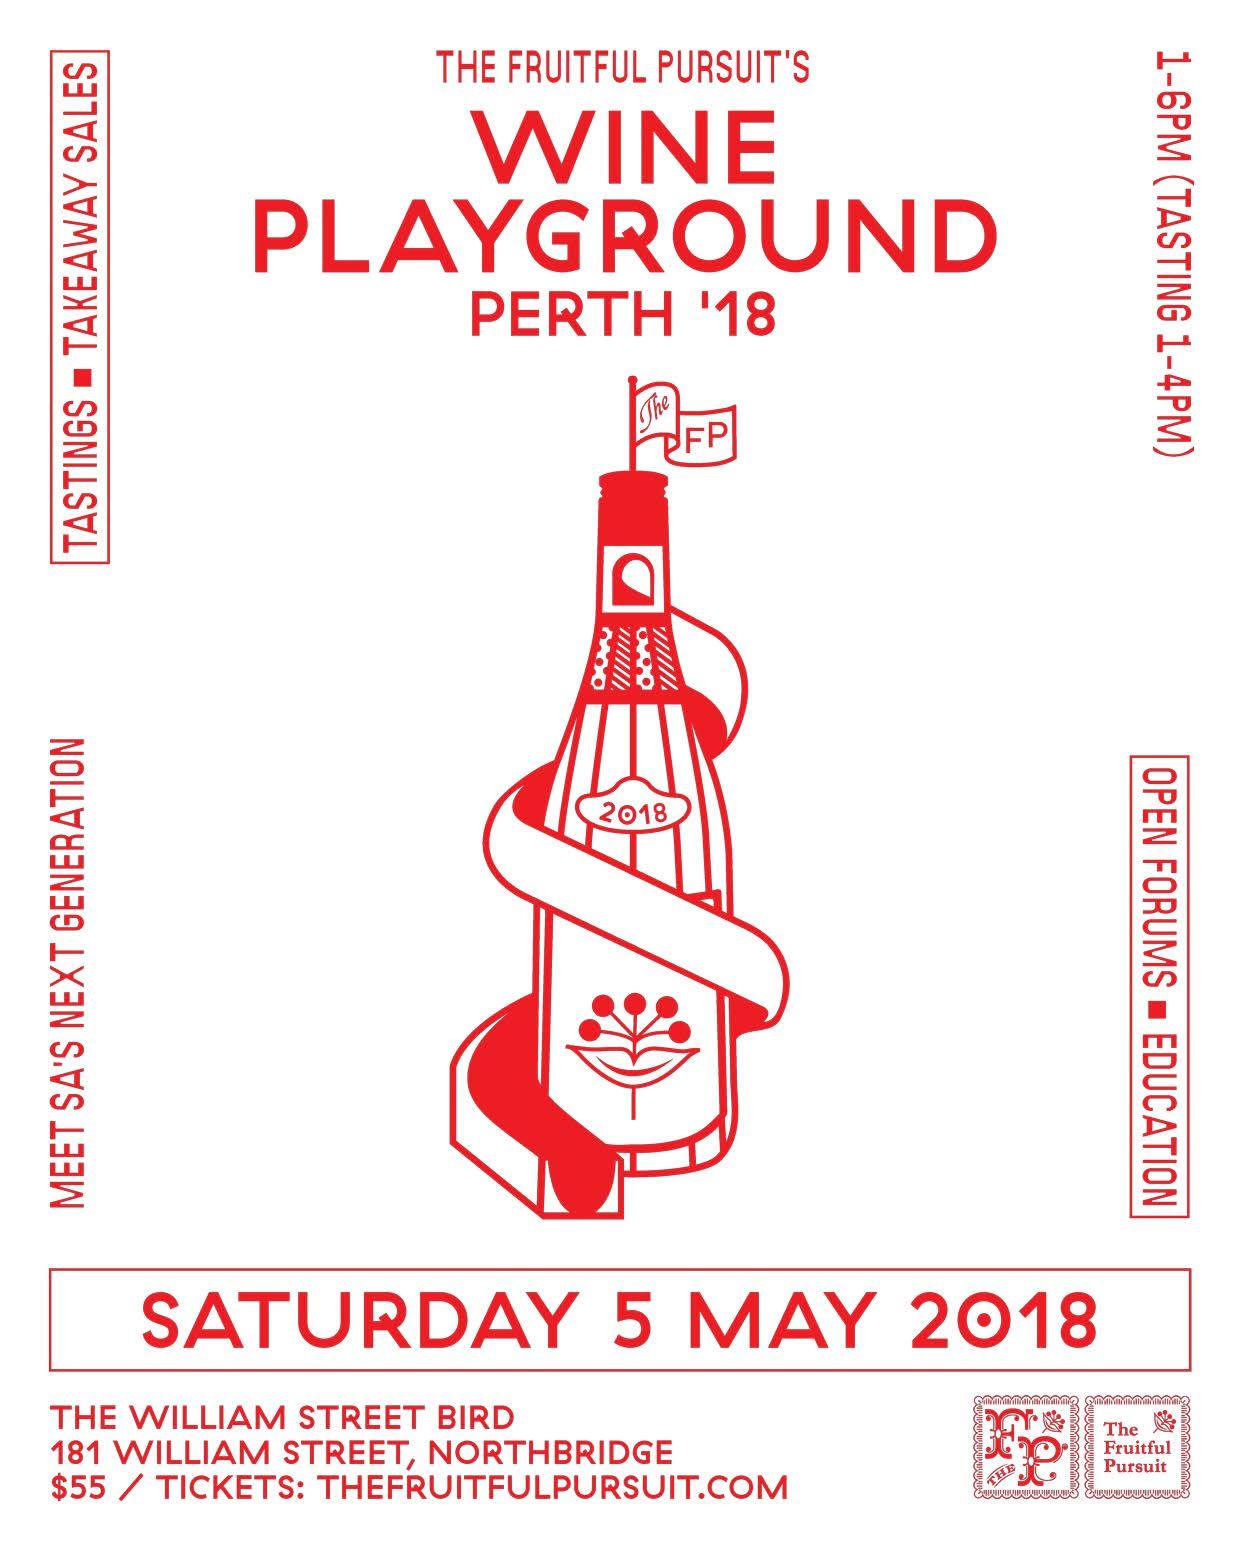 Wine_Playground-Perth18.jpg